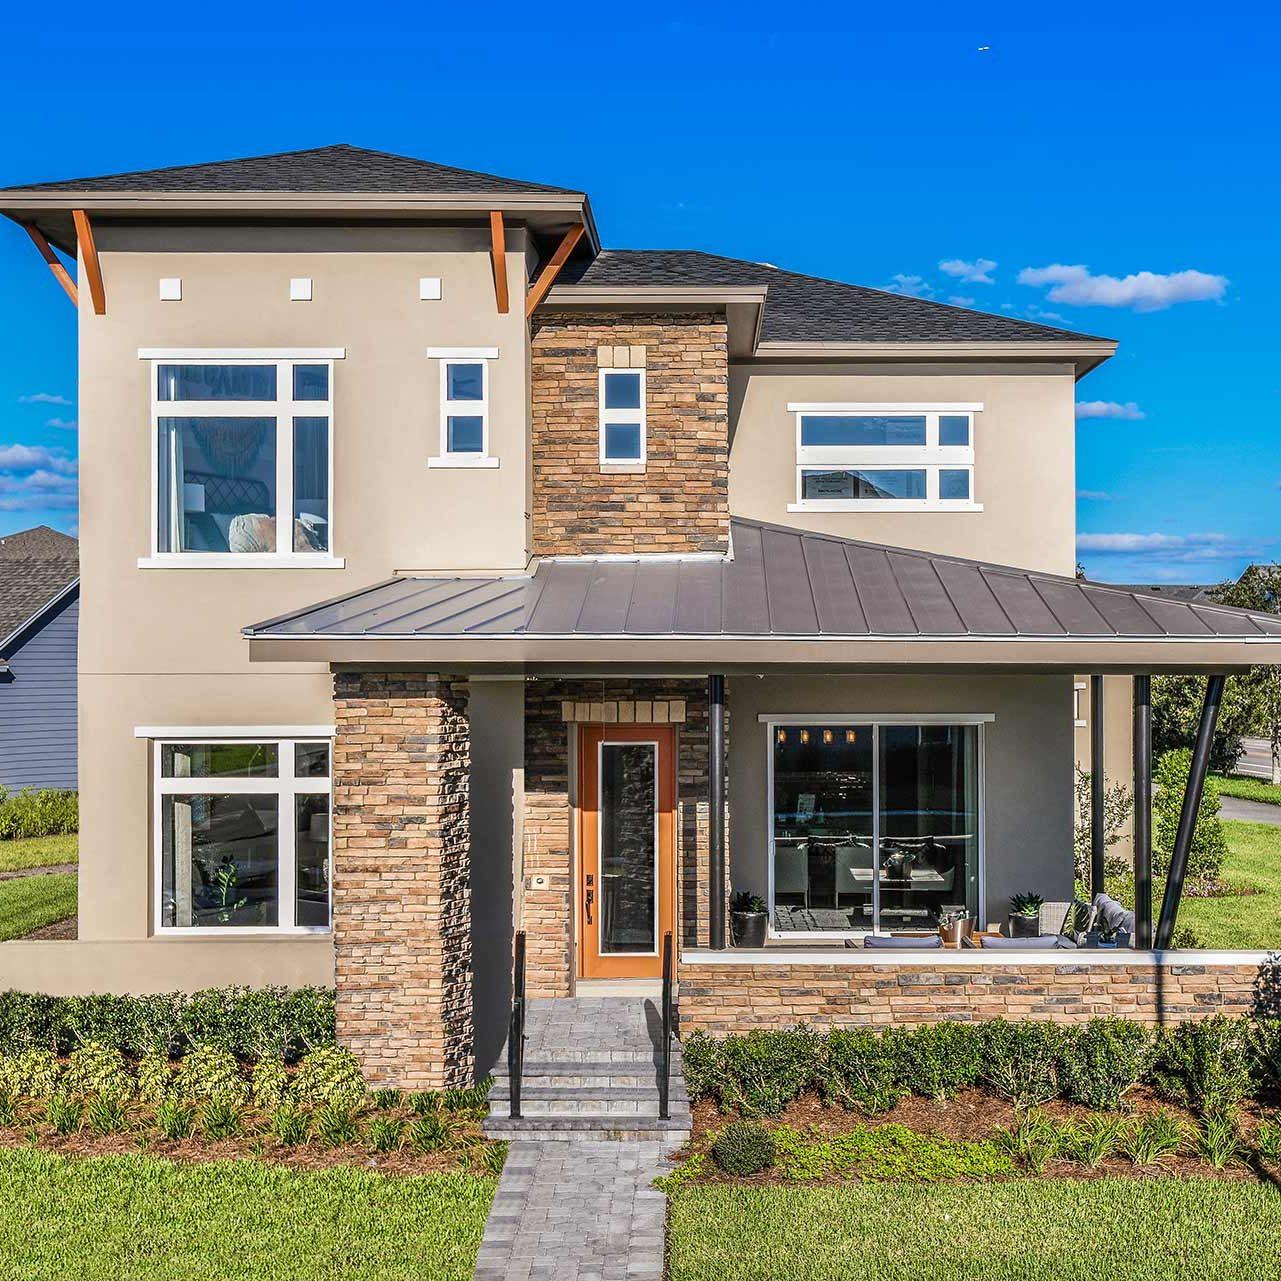 David Weekley Homes - New Reef Model Home